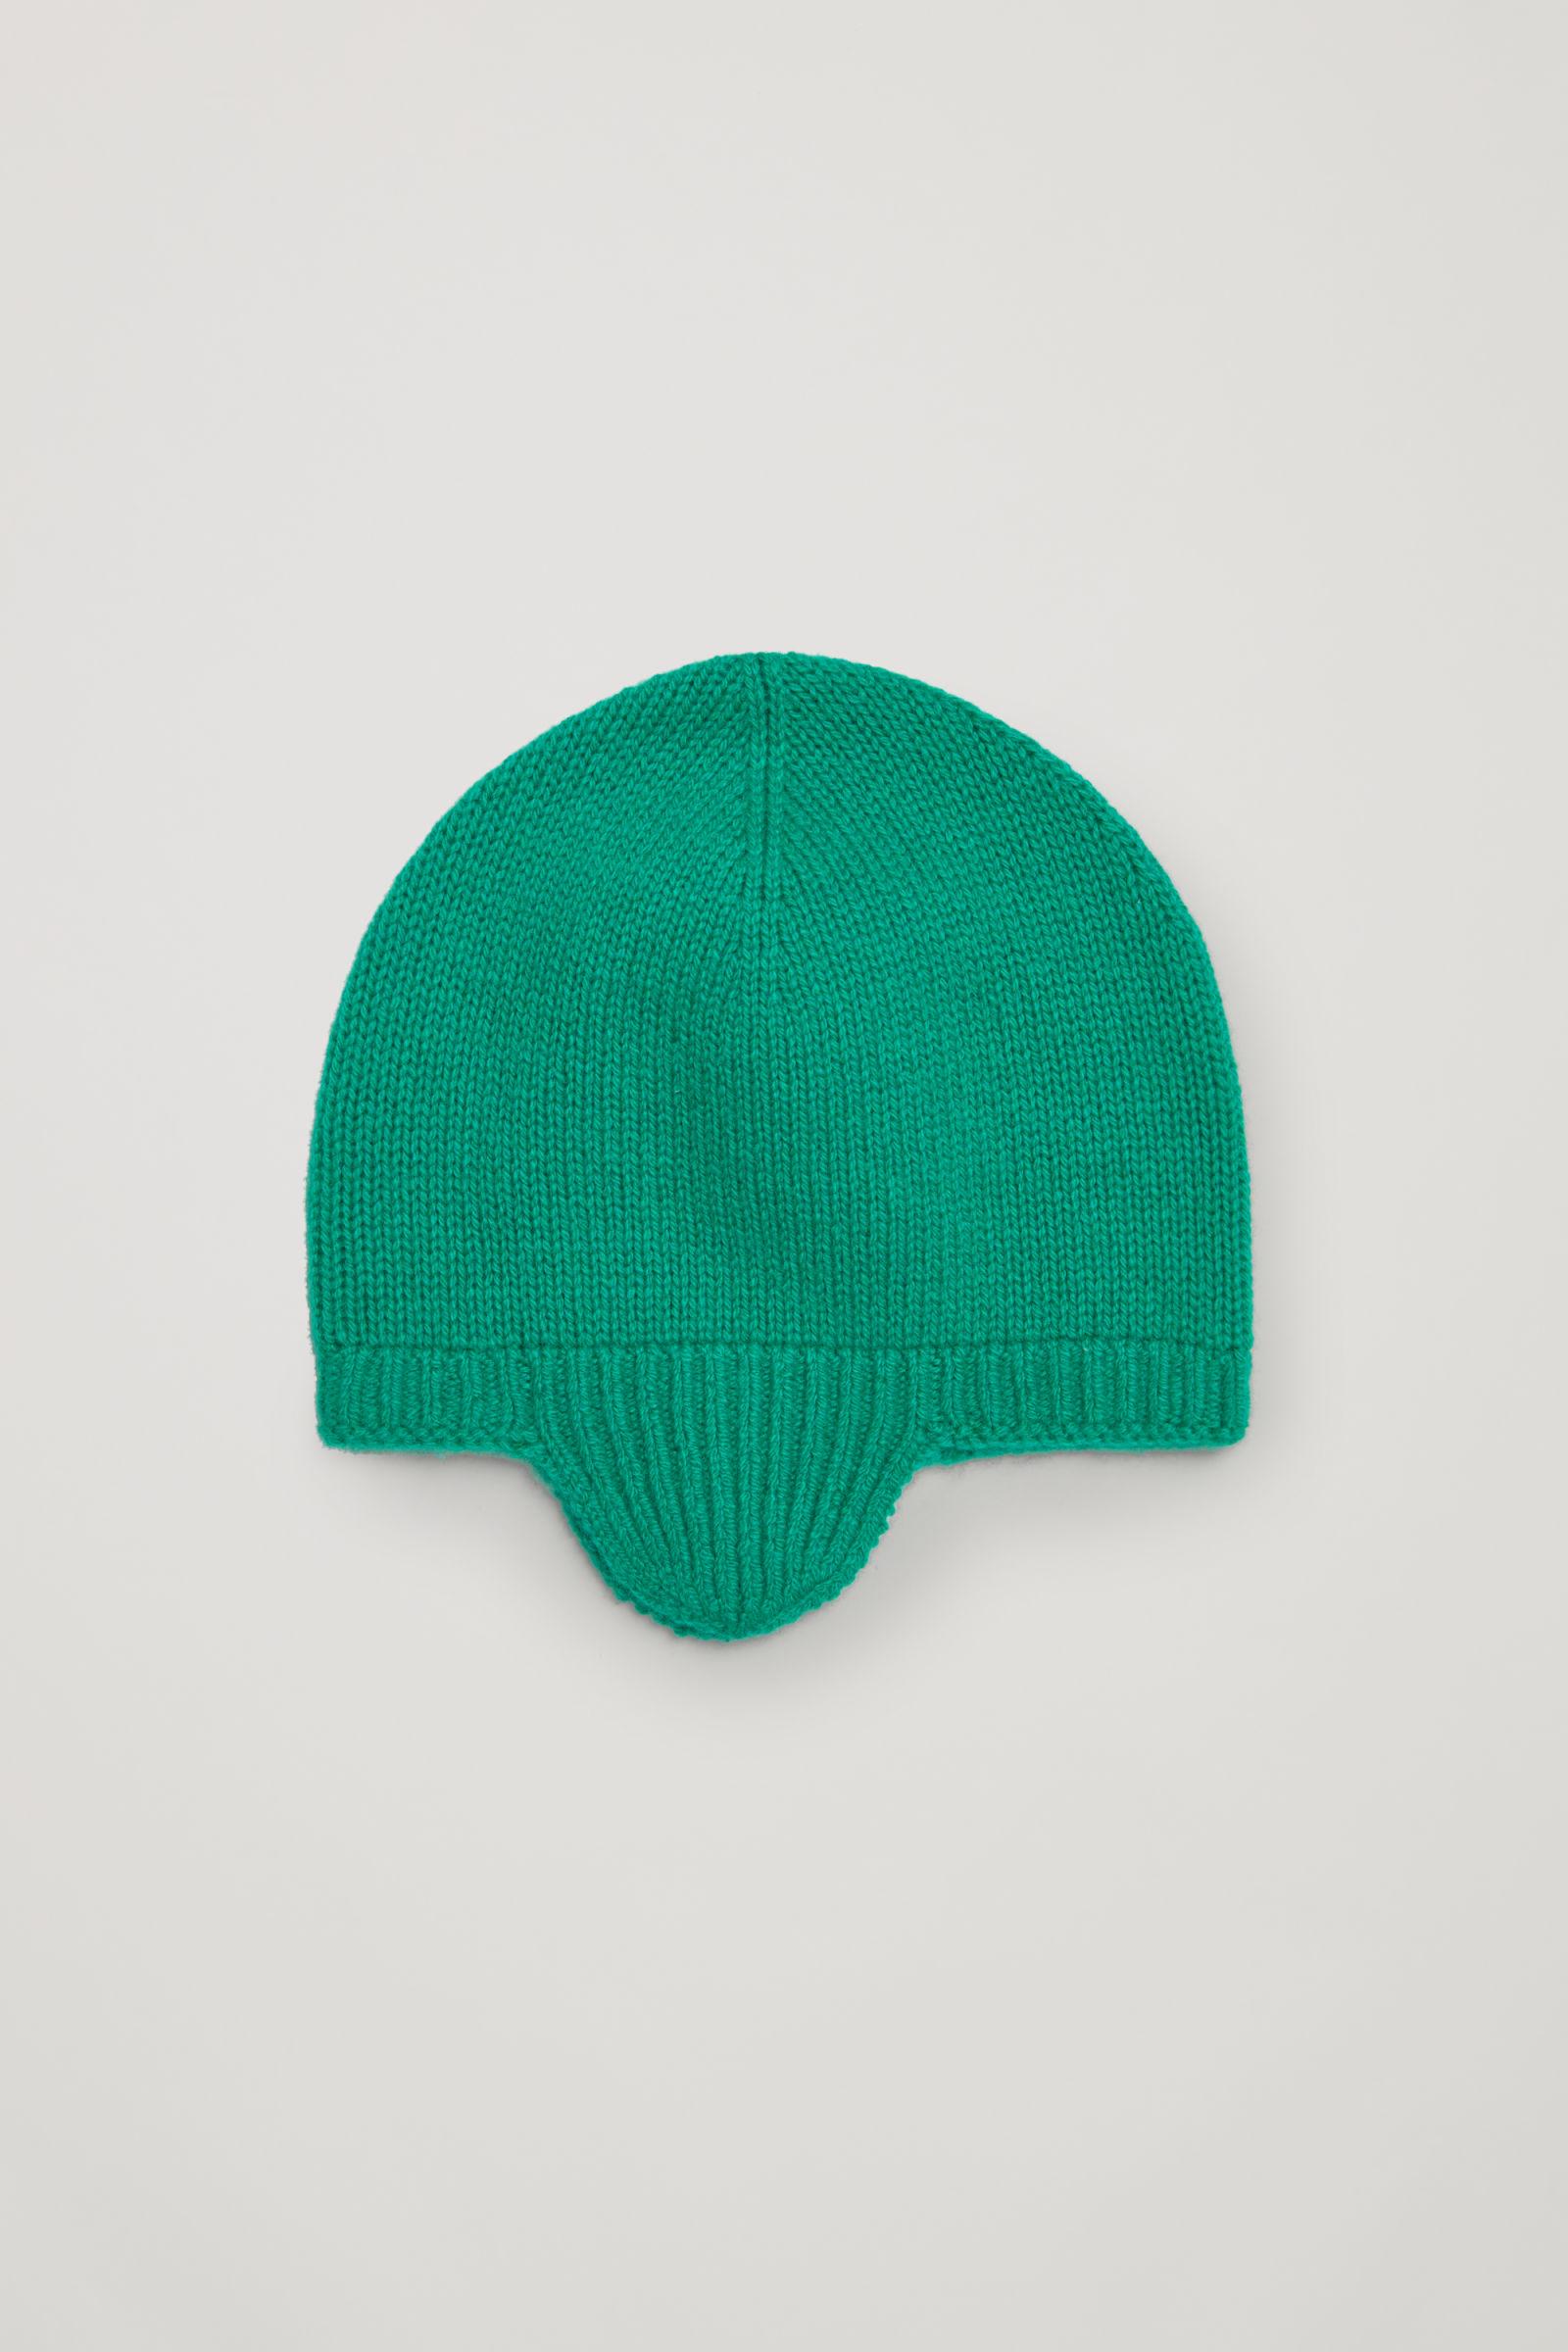 코스 키즈 캐시미어 귀 비니 COS CASHMERE EAR COVER BEANIE,Green